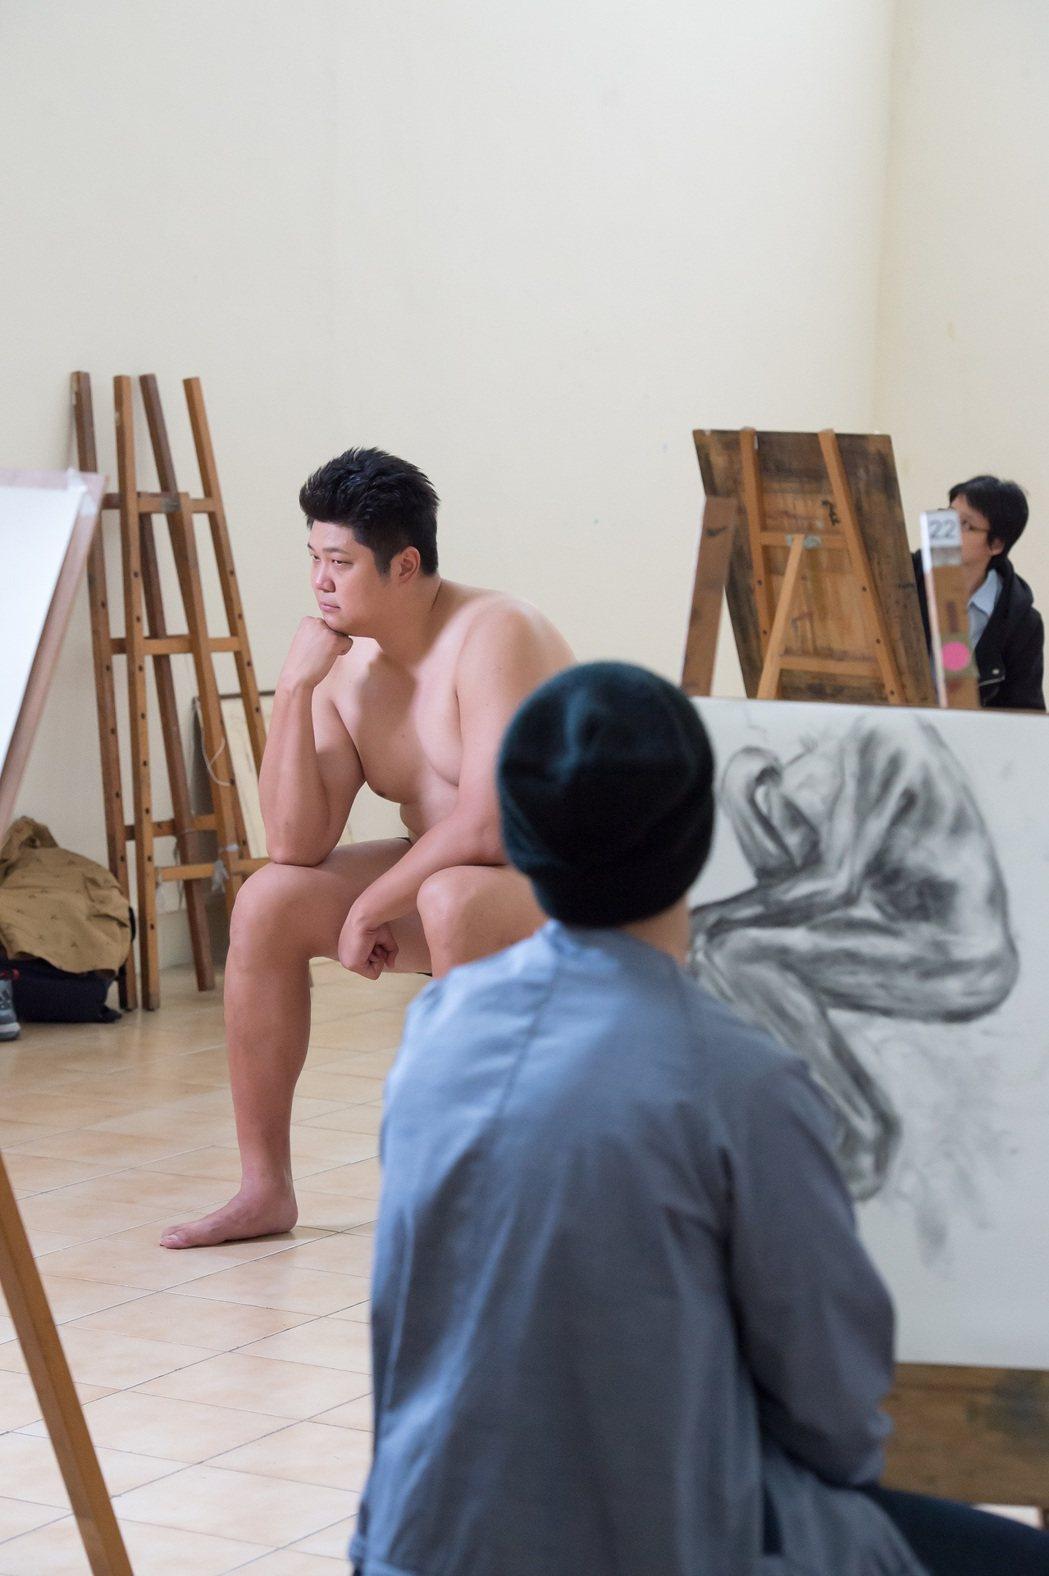 哈孝遠拍「酸甜之味」擔任人體模特兒,大膽突破尺度脫了。圖/TVBS 提供